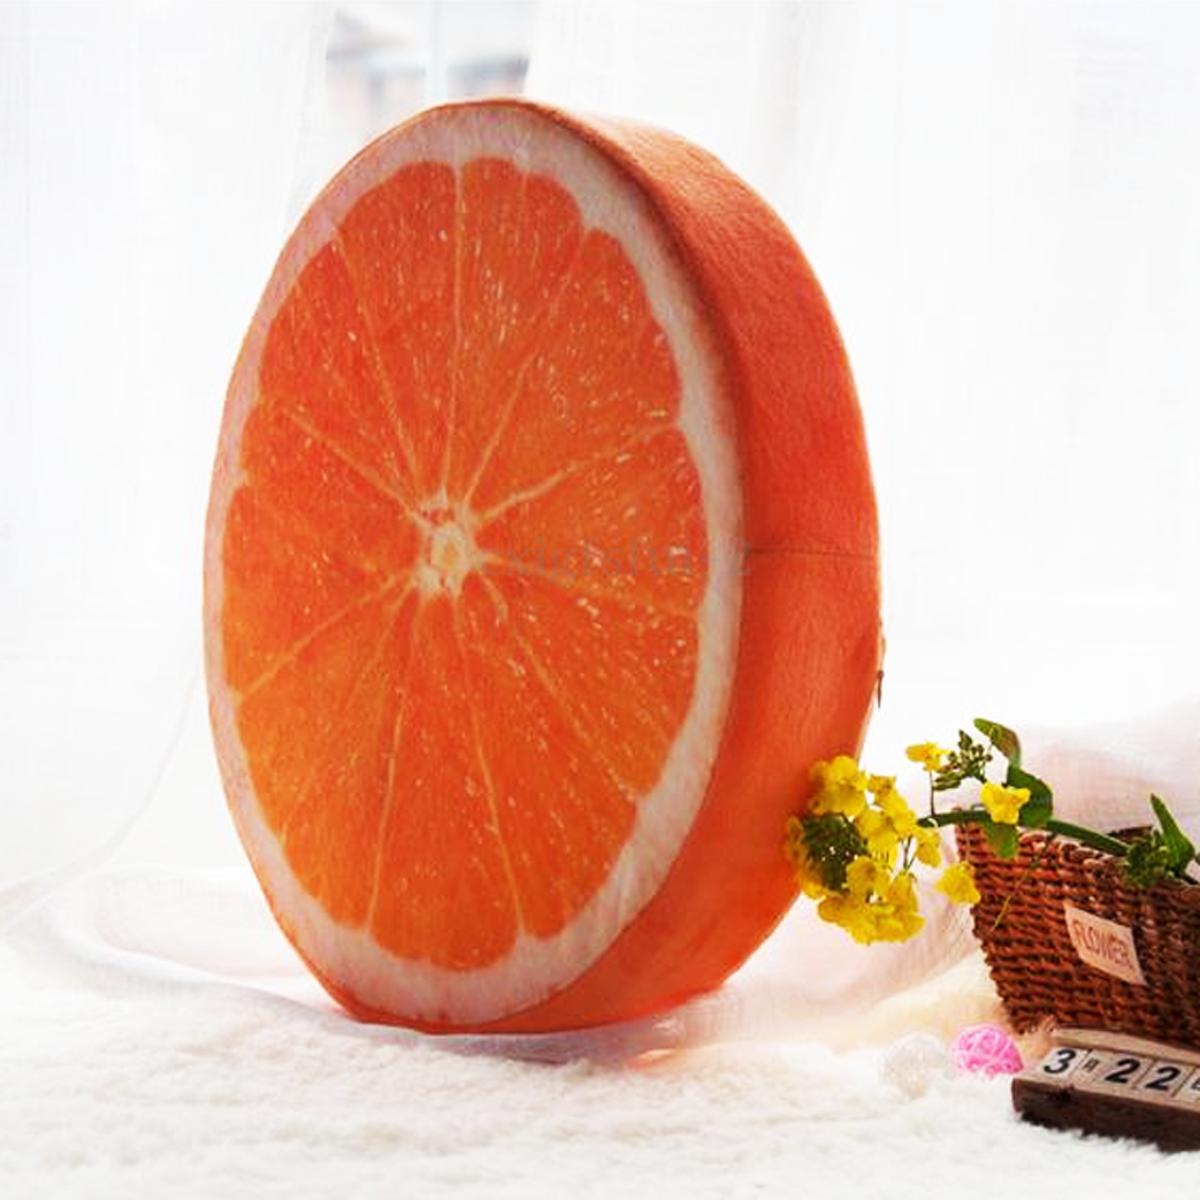 Ovocný polštářek Pomeranč